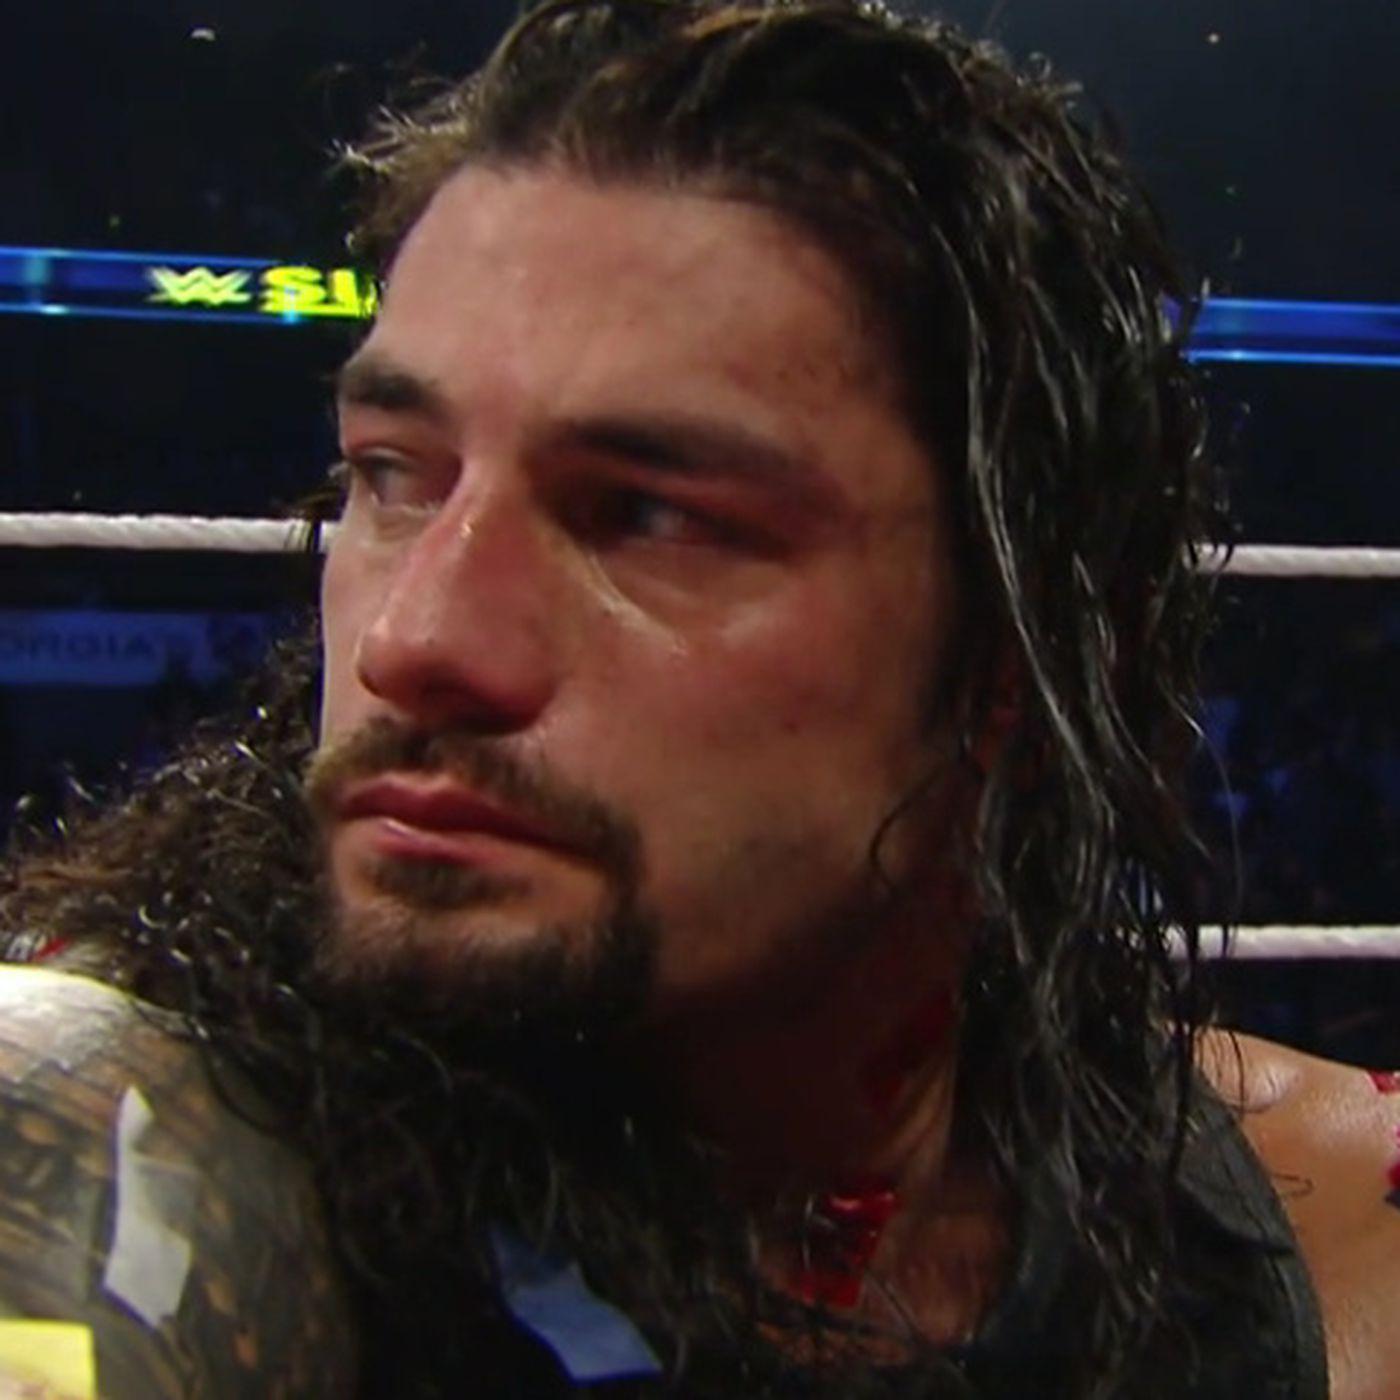 ऐसे पांच रैसलर, जिन्हें चौबीस घंटे के भीतर ही गंवानी पड़ी WWE वर्ल्ड चैंपियनशिप 70